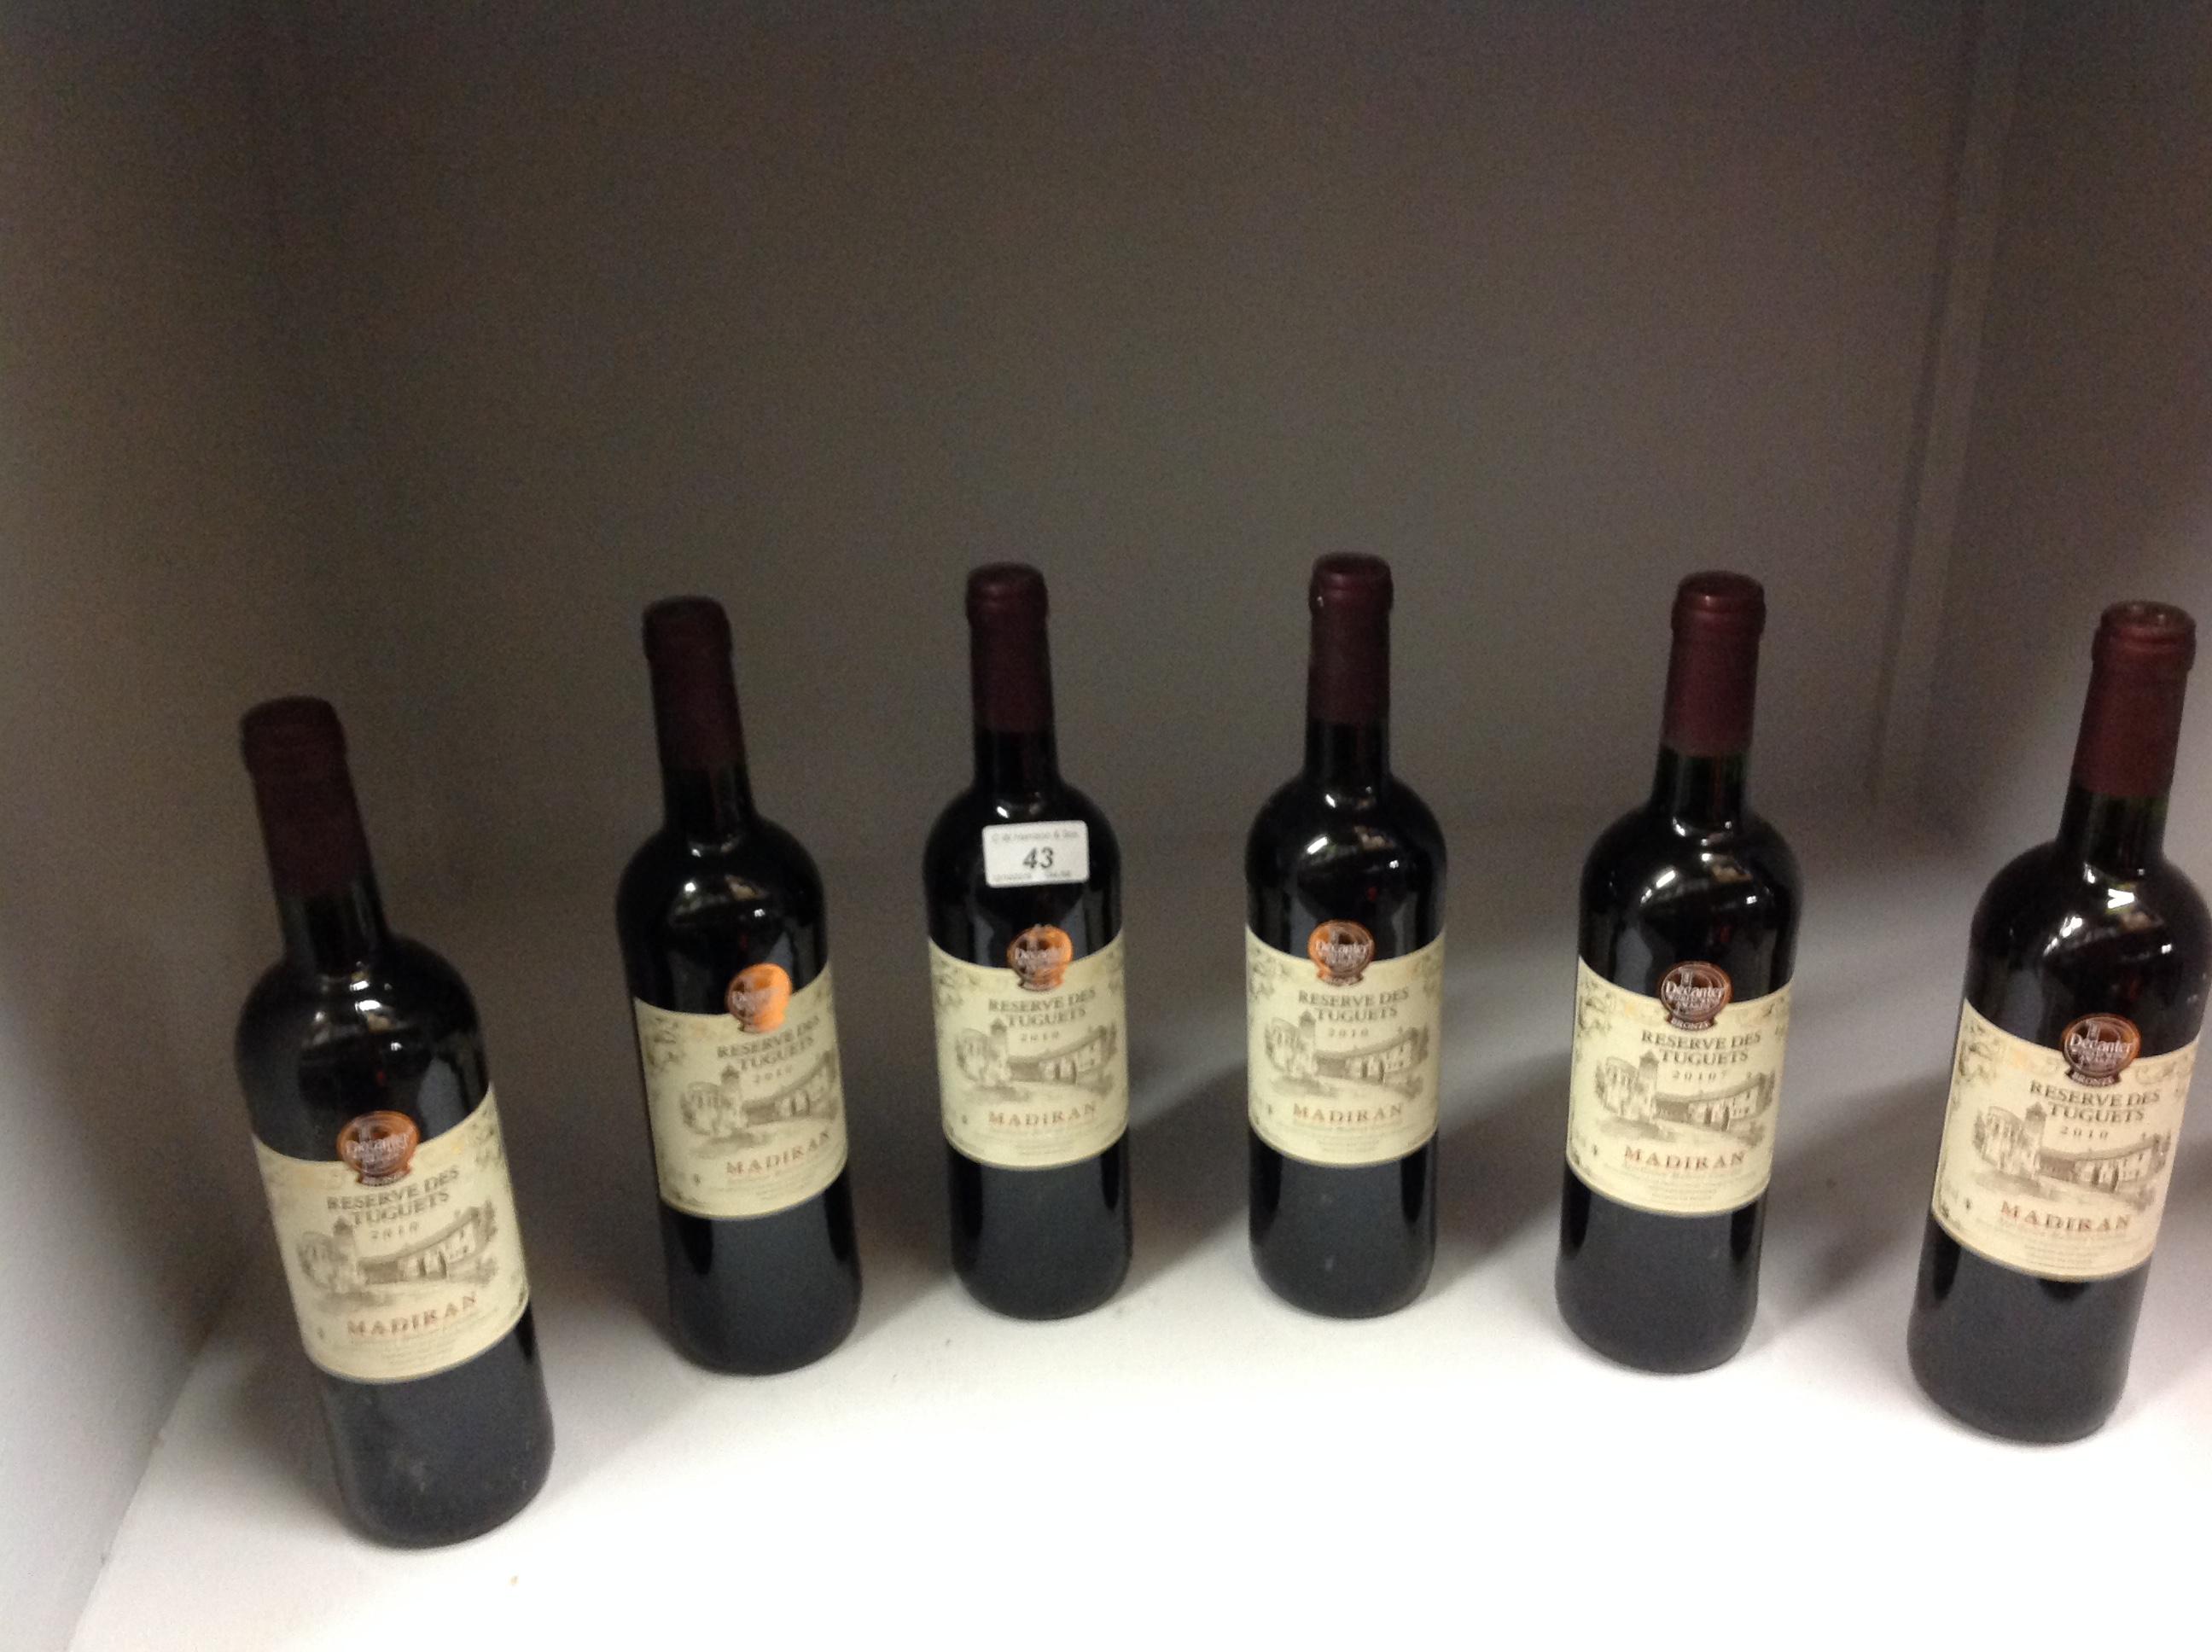 Lot 43 - 6 x 750ml bottles Reserve Des Tuguets 20